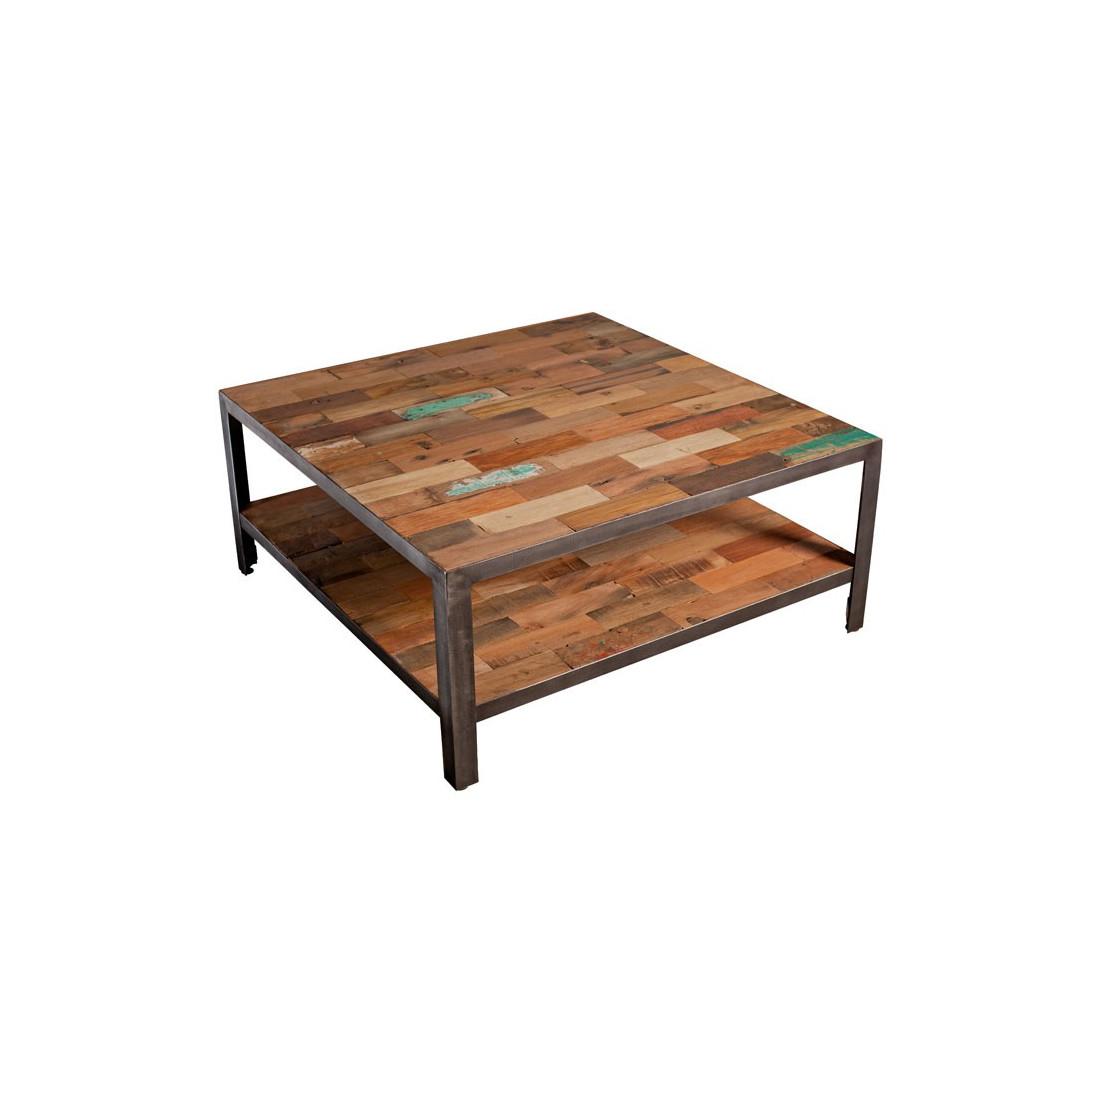 Table basse carr e double plateau industriel fabrik univers salon - Table carree style industriel ...